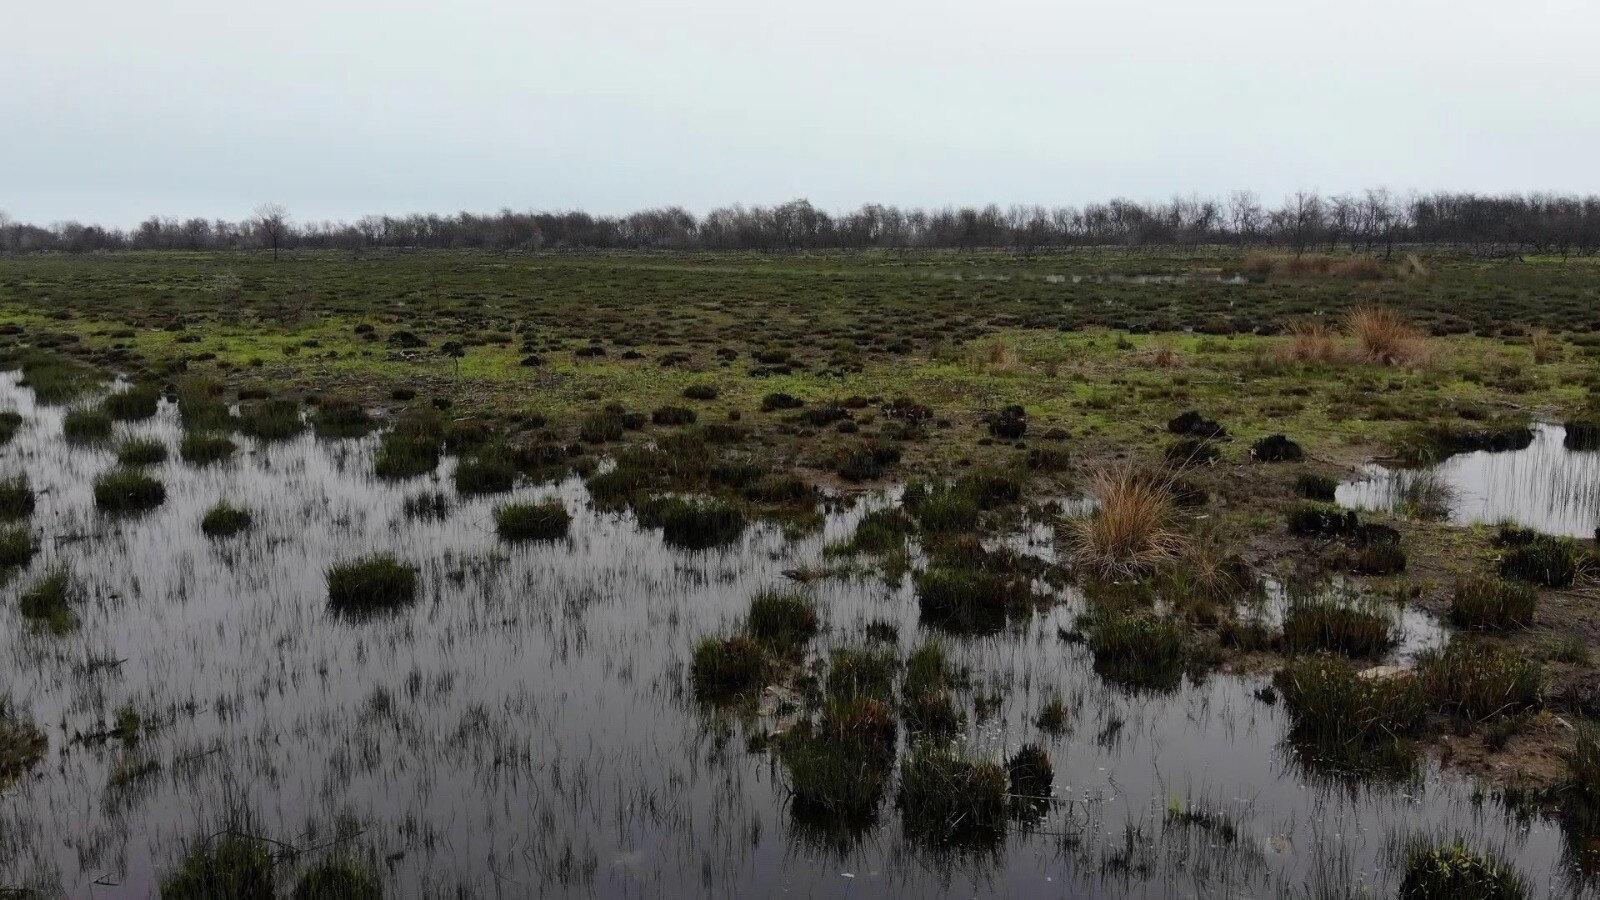 Kızılırmak Deltası Kuş Cenneti'nde, 15 Eylül 2020 tarihinde çıkan yangın sonucunda, uydu görüntülerinden yapılan hesaplamalara göre yaklaşık 108 hektarlık alan zarar gördü.